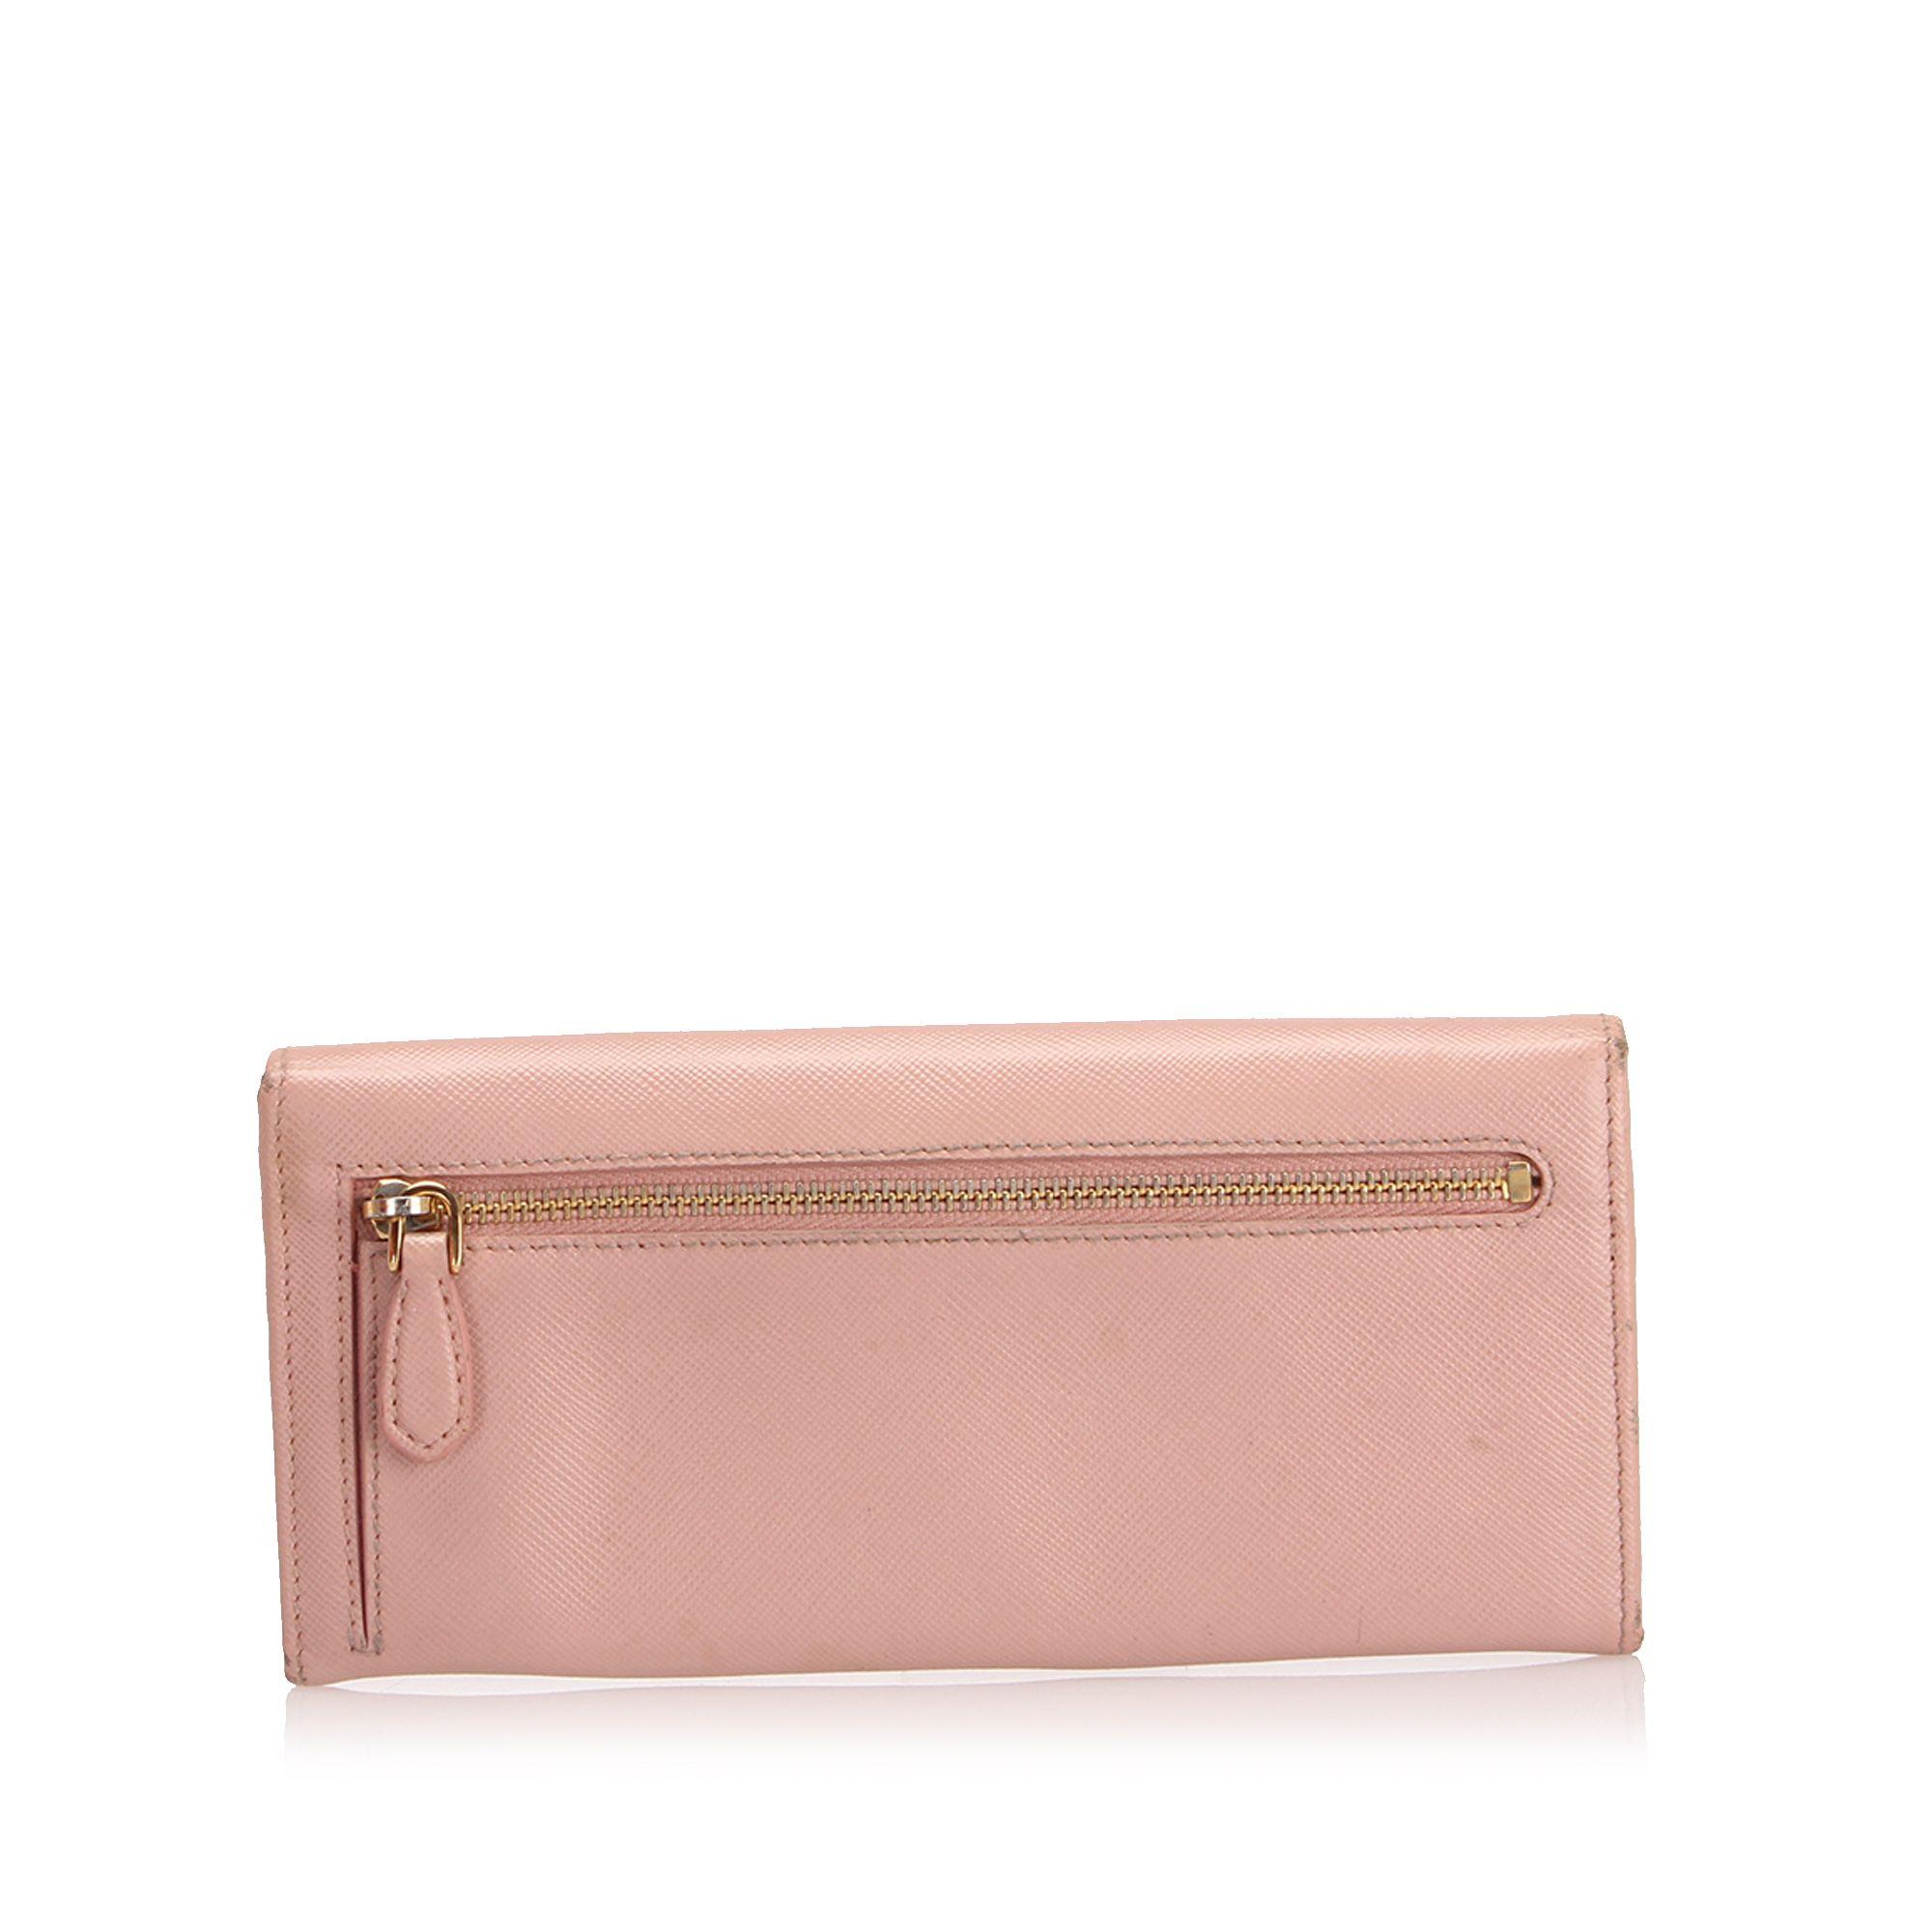 Vintage Prada Saffiano Long Wallet Pink